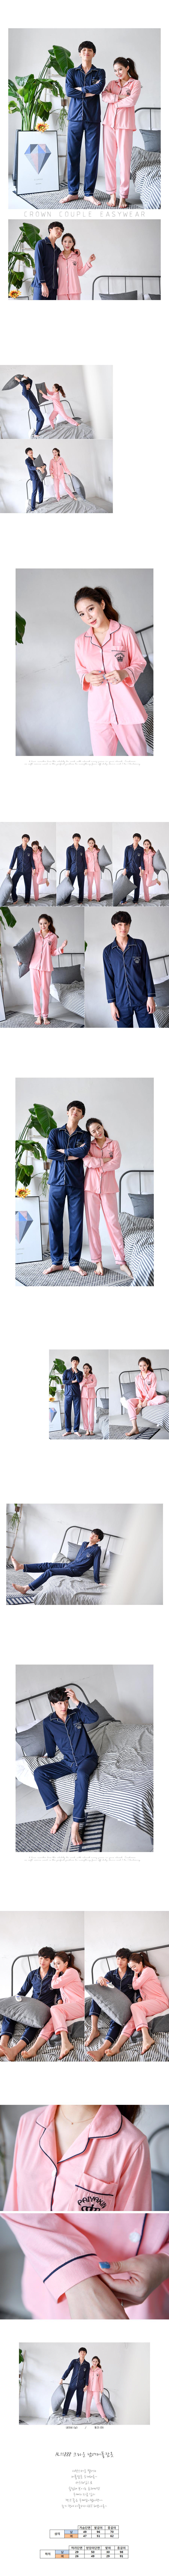 크라운 남여 커플잠옷 - 오자매, 34,800원, 잠옷, 커플파자마